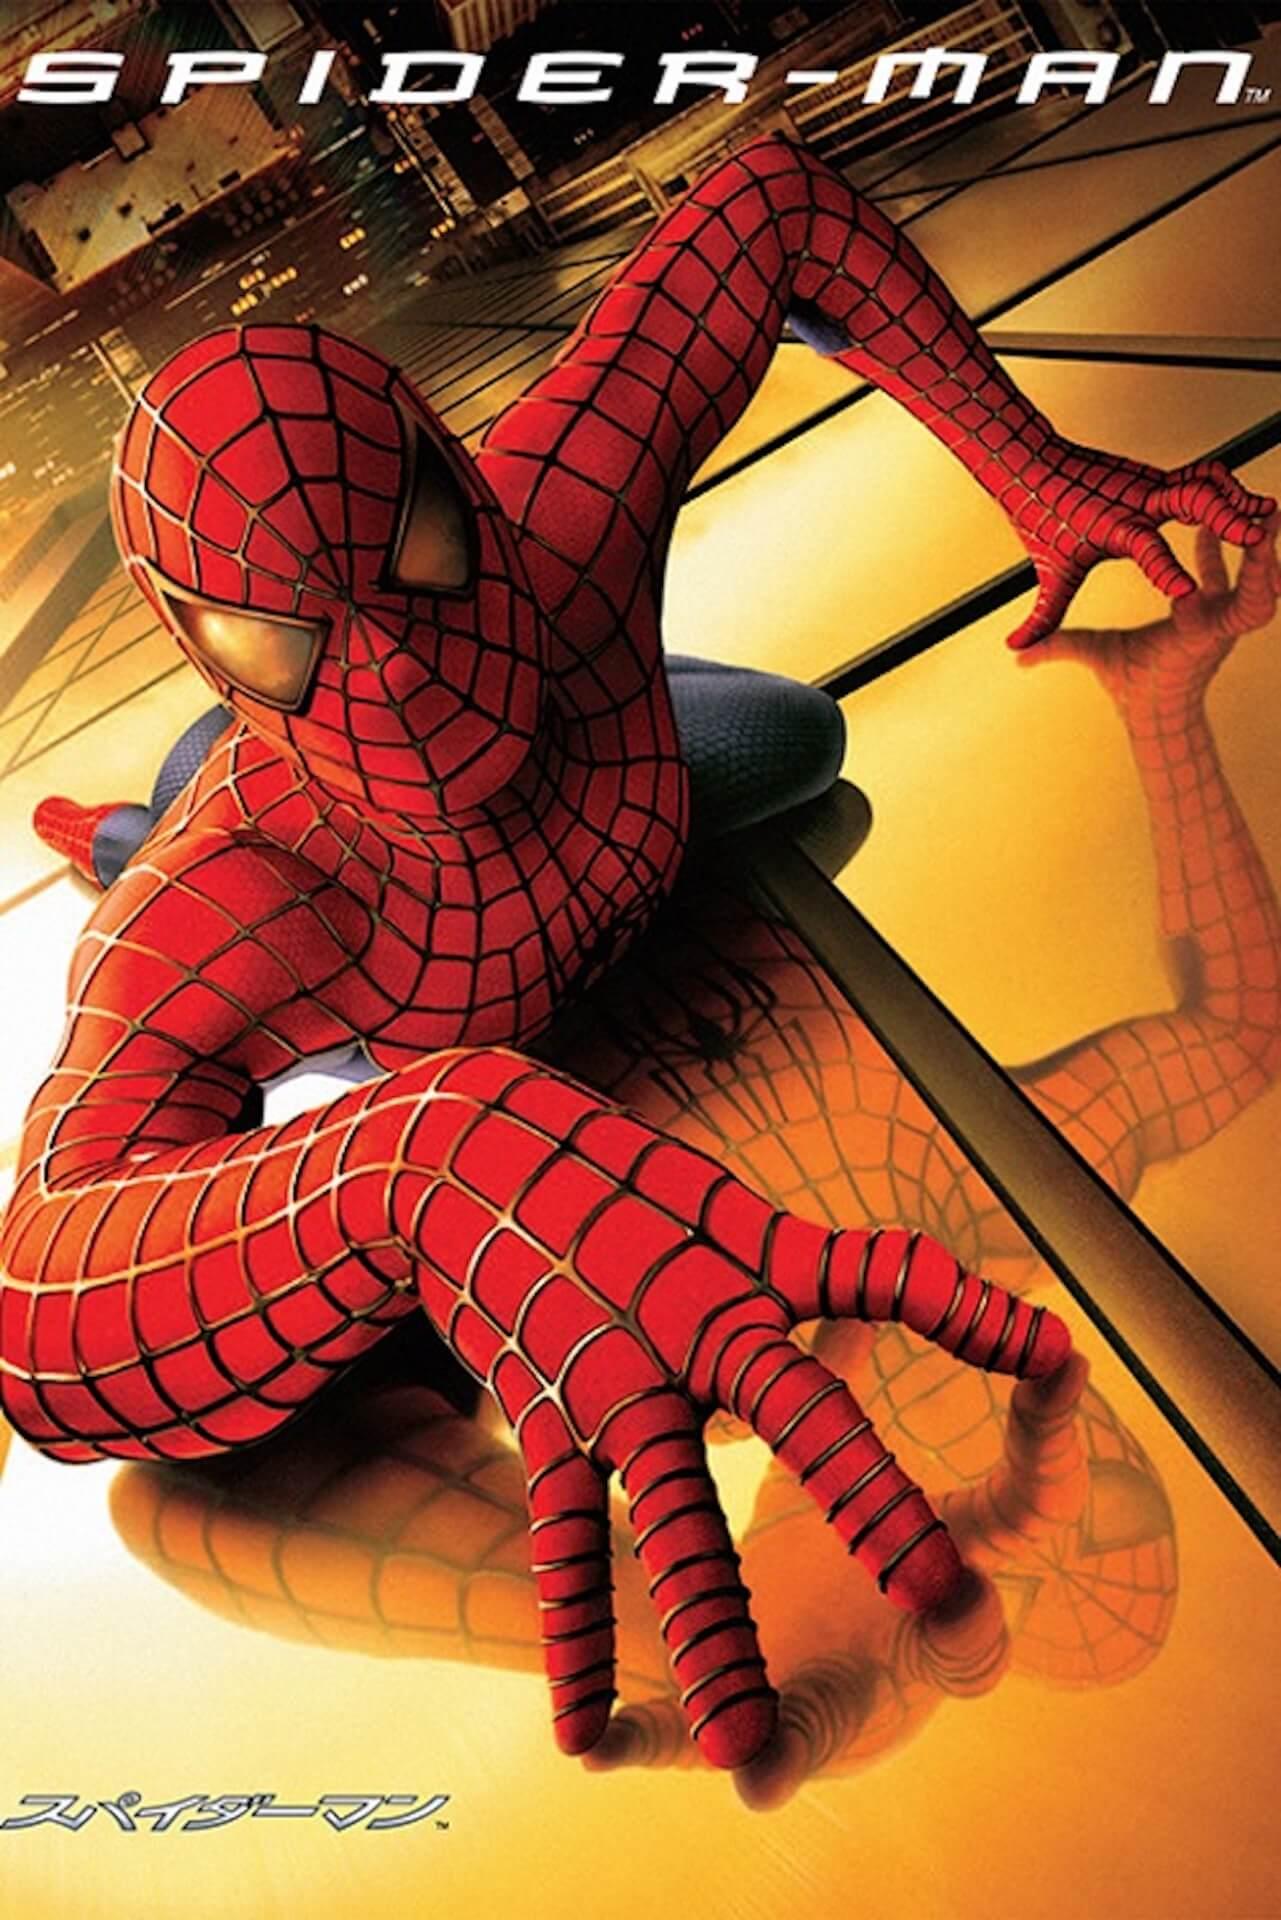 『スパイダーマン』シリーズの一部本編映像&NG映像も解禁!「スパイダーマン ファンウィーク」が本日より開催 flim210728_spiderman_5